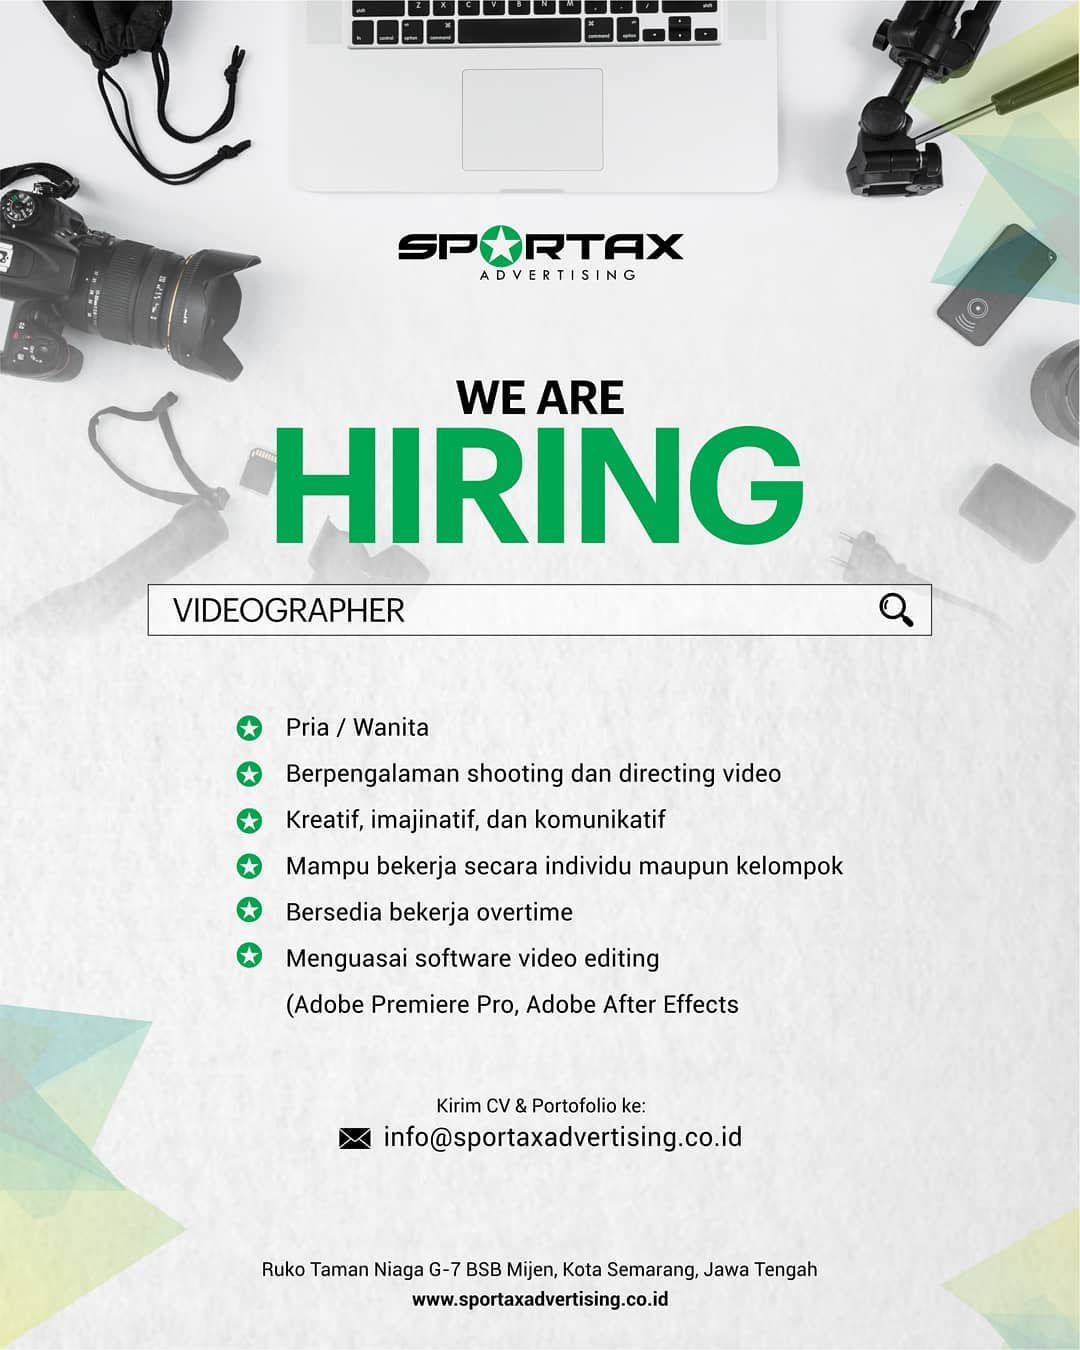 Lowongan Sportax Advertising sedang mencari kandidat terbaik untuk mengisi posisi: 1. Graphic Designer 2. Videographer